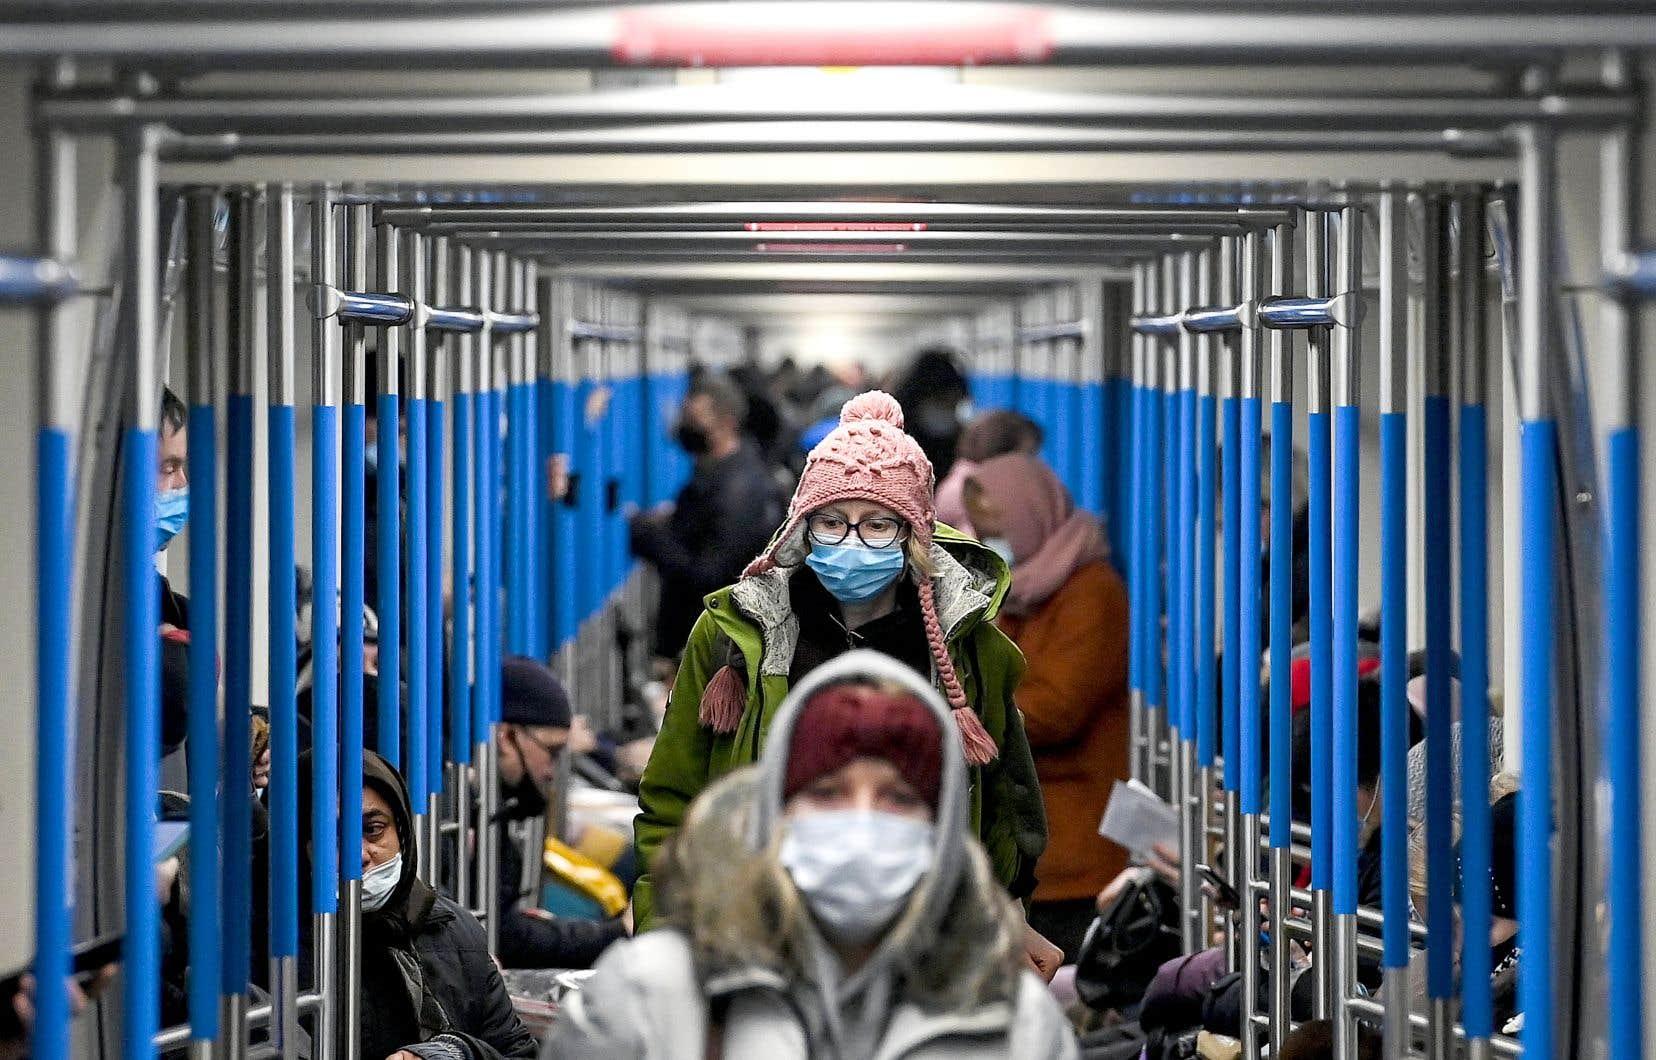 L'Europe est la zone ayant enregistré le plus de nouvelles contaminations cette semaine avec 236 700 nouveaux cas en moyenne par jour.